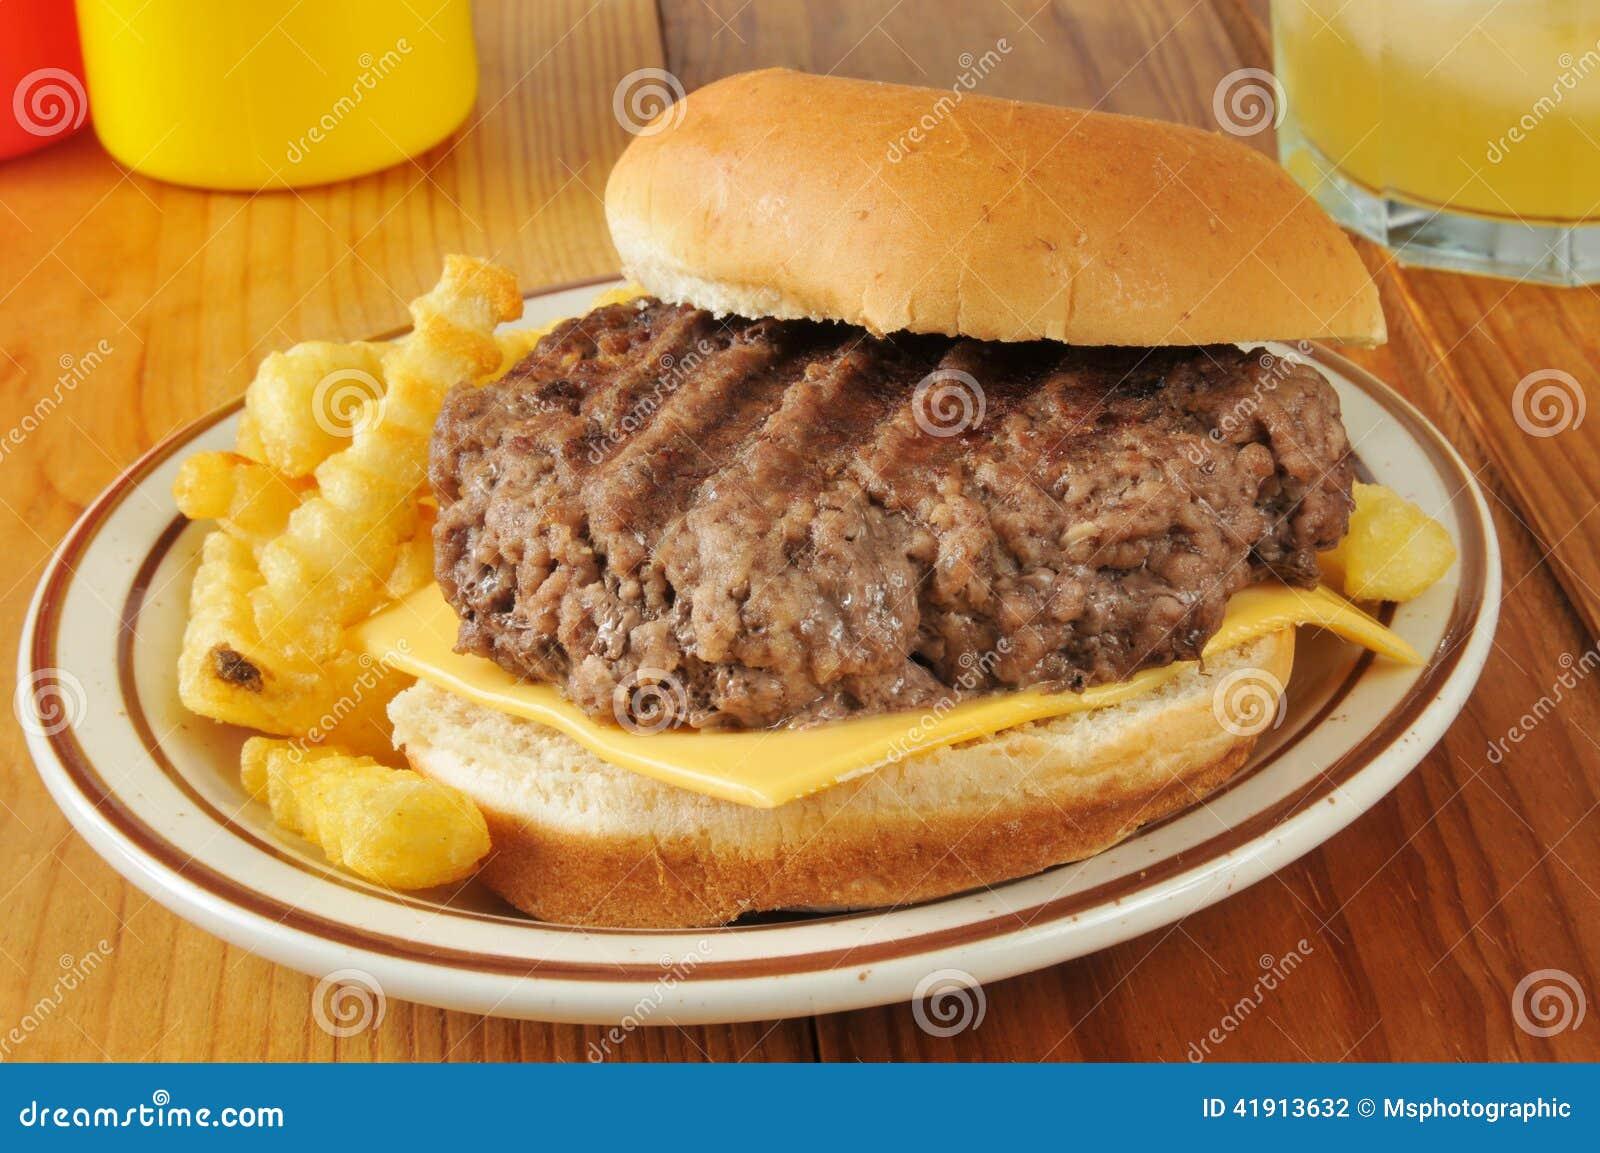 家煮熟的乳酪汉堡